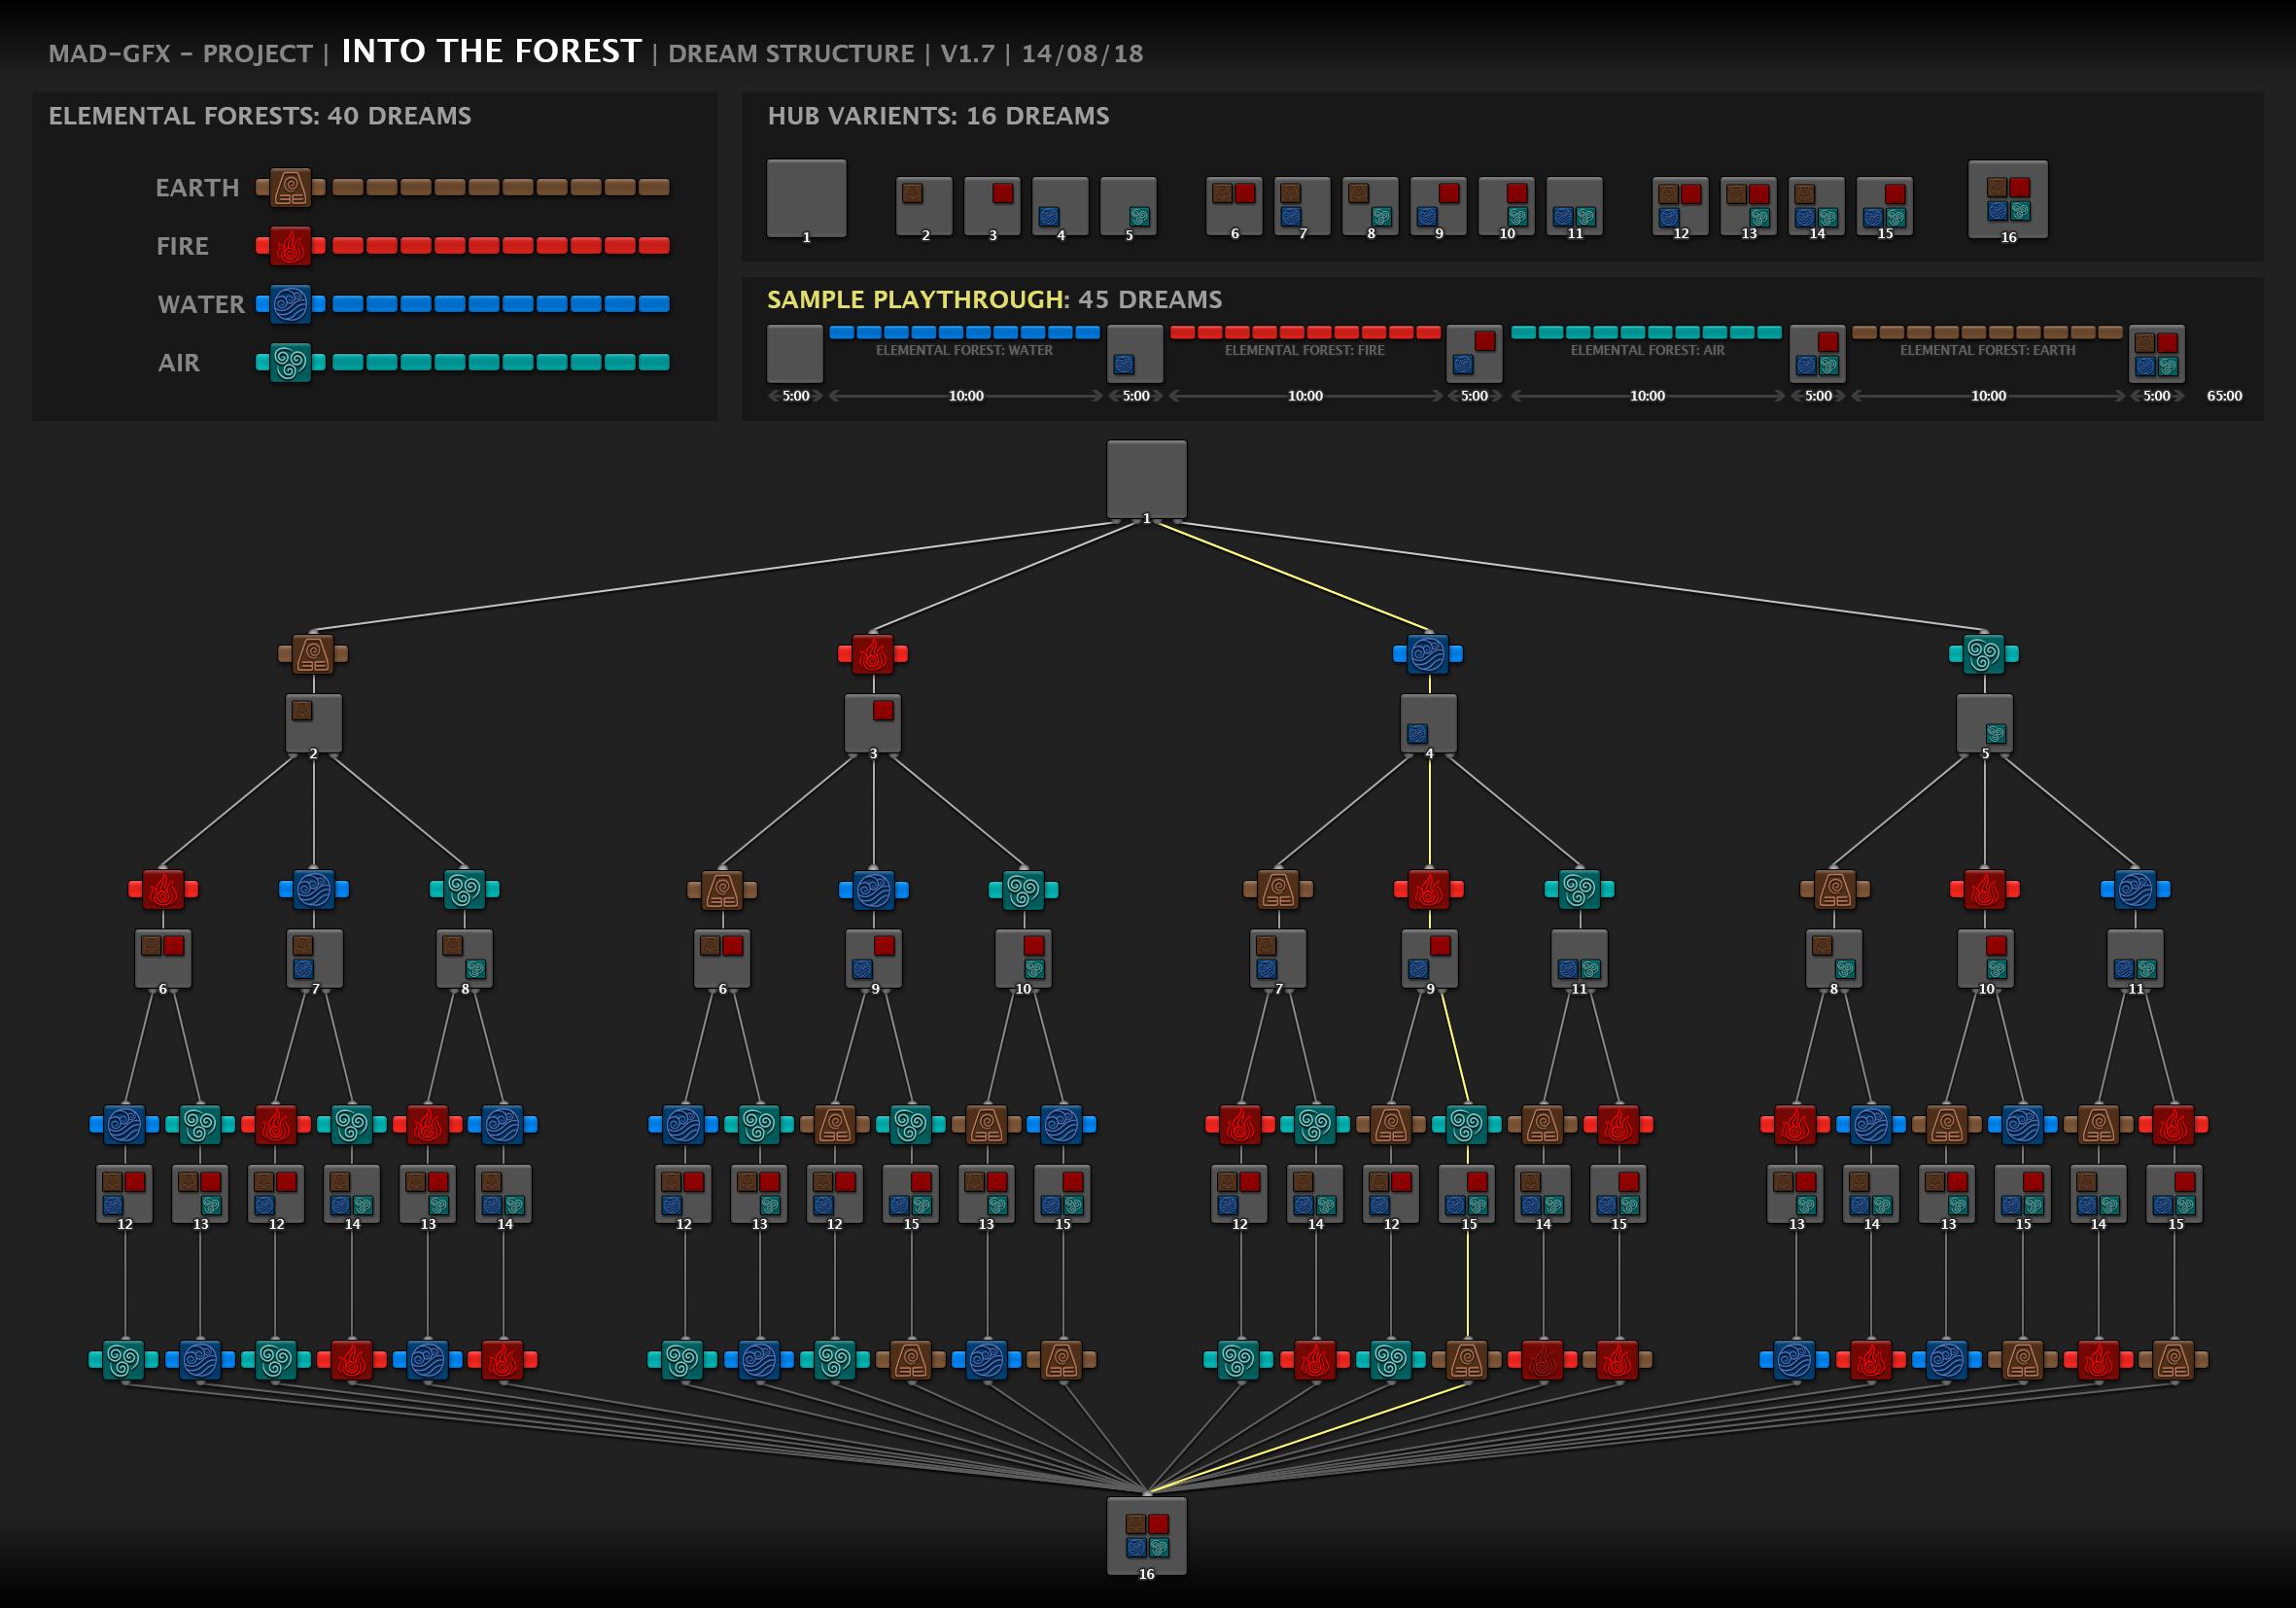 itf-dream-map-v1-7.jpg